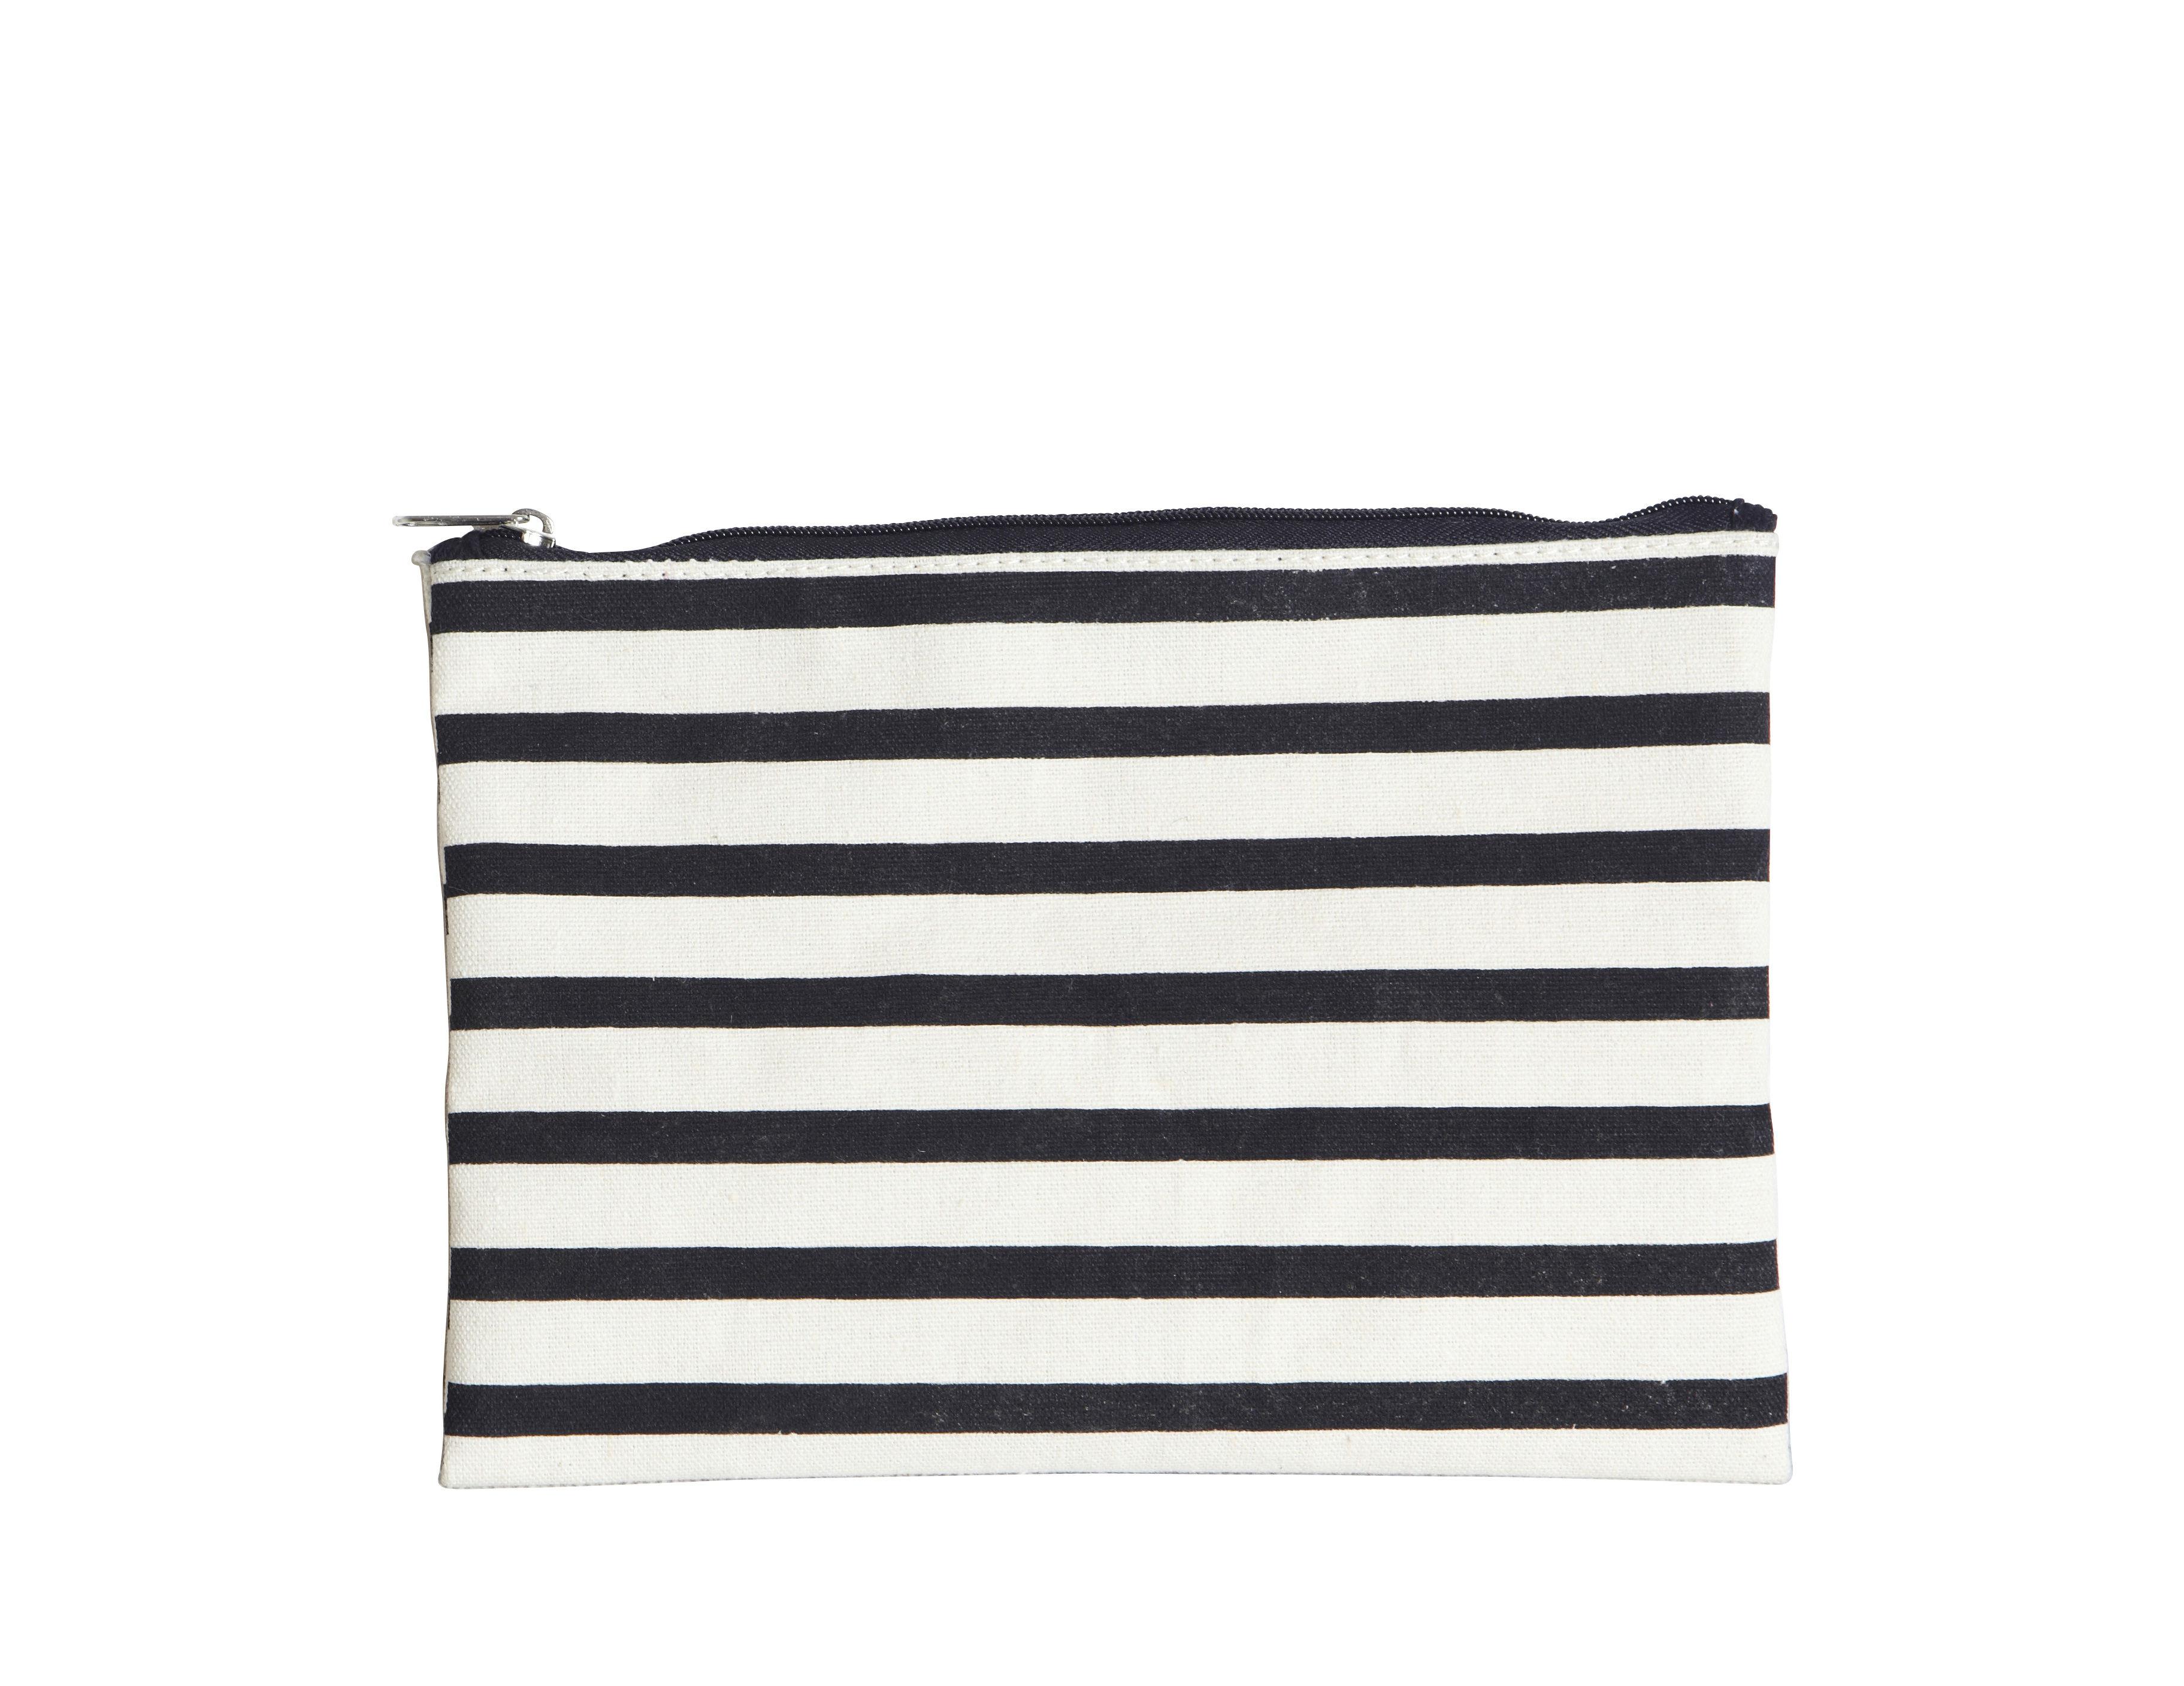 Accessoires - Sacs, trousses, porte-monnaie... - Trousse à maquillage Stripes / 21 x 15 cm - House Doctor - Rayures - Conton enduit